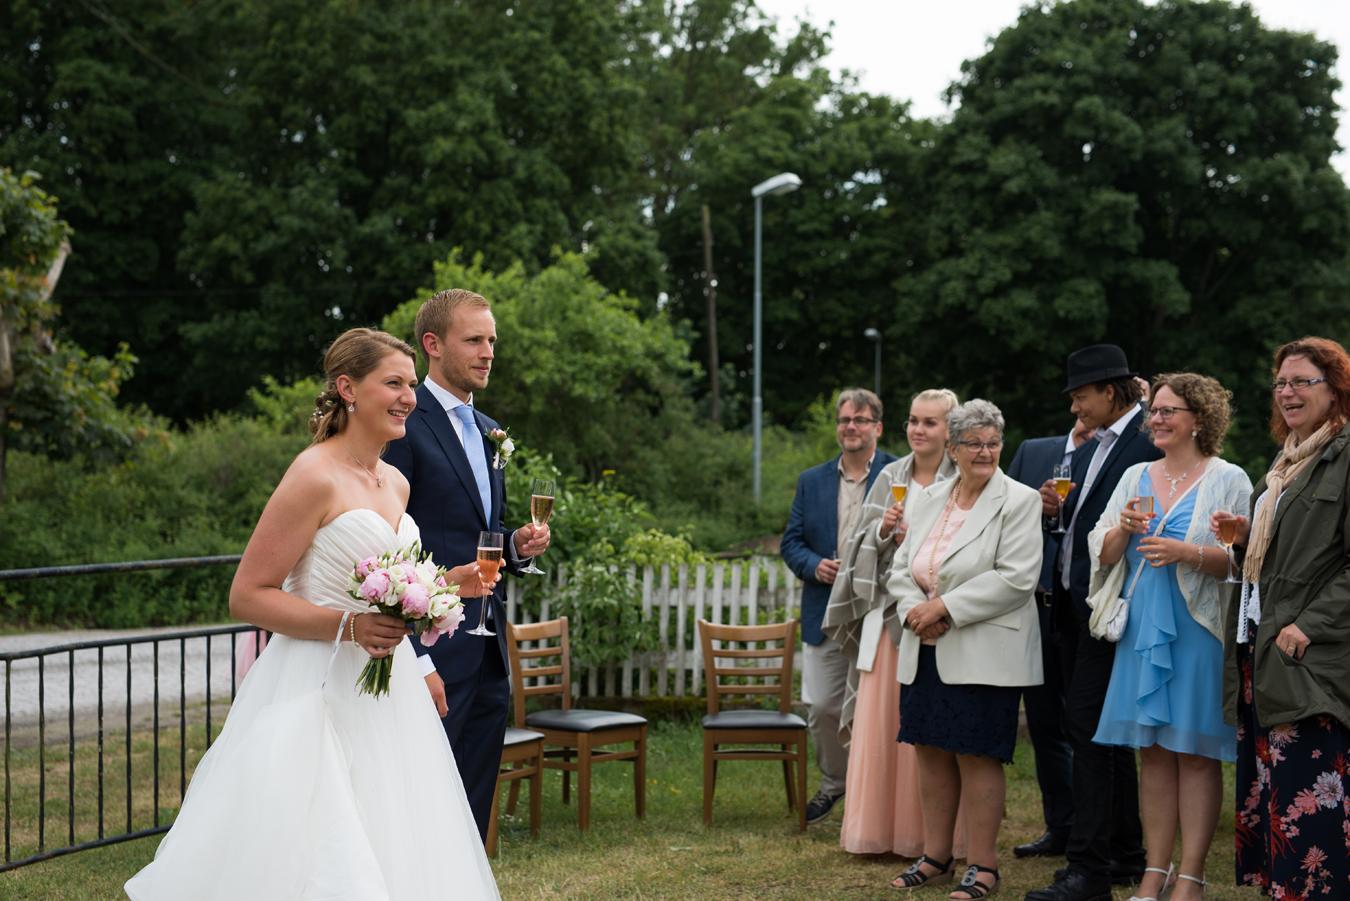 023-bröllopsfotograf-gumbalde-gotland-neas-fotografi.jpg